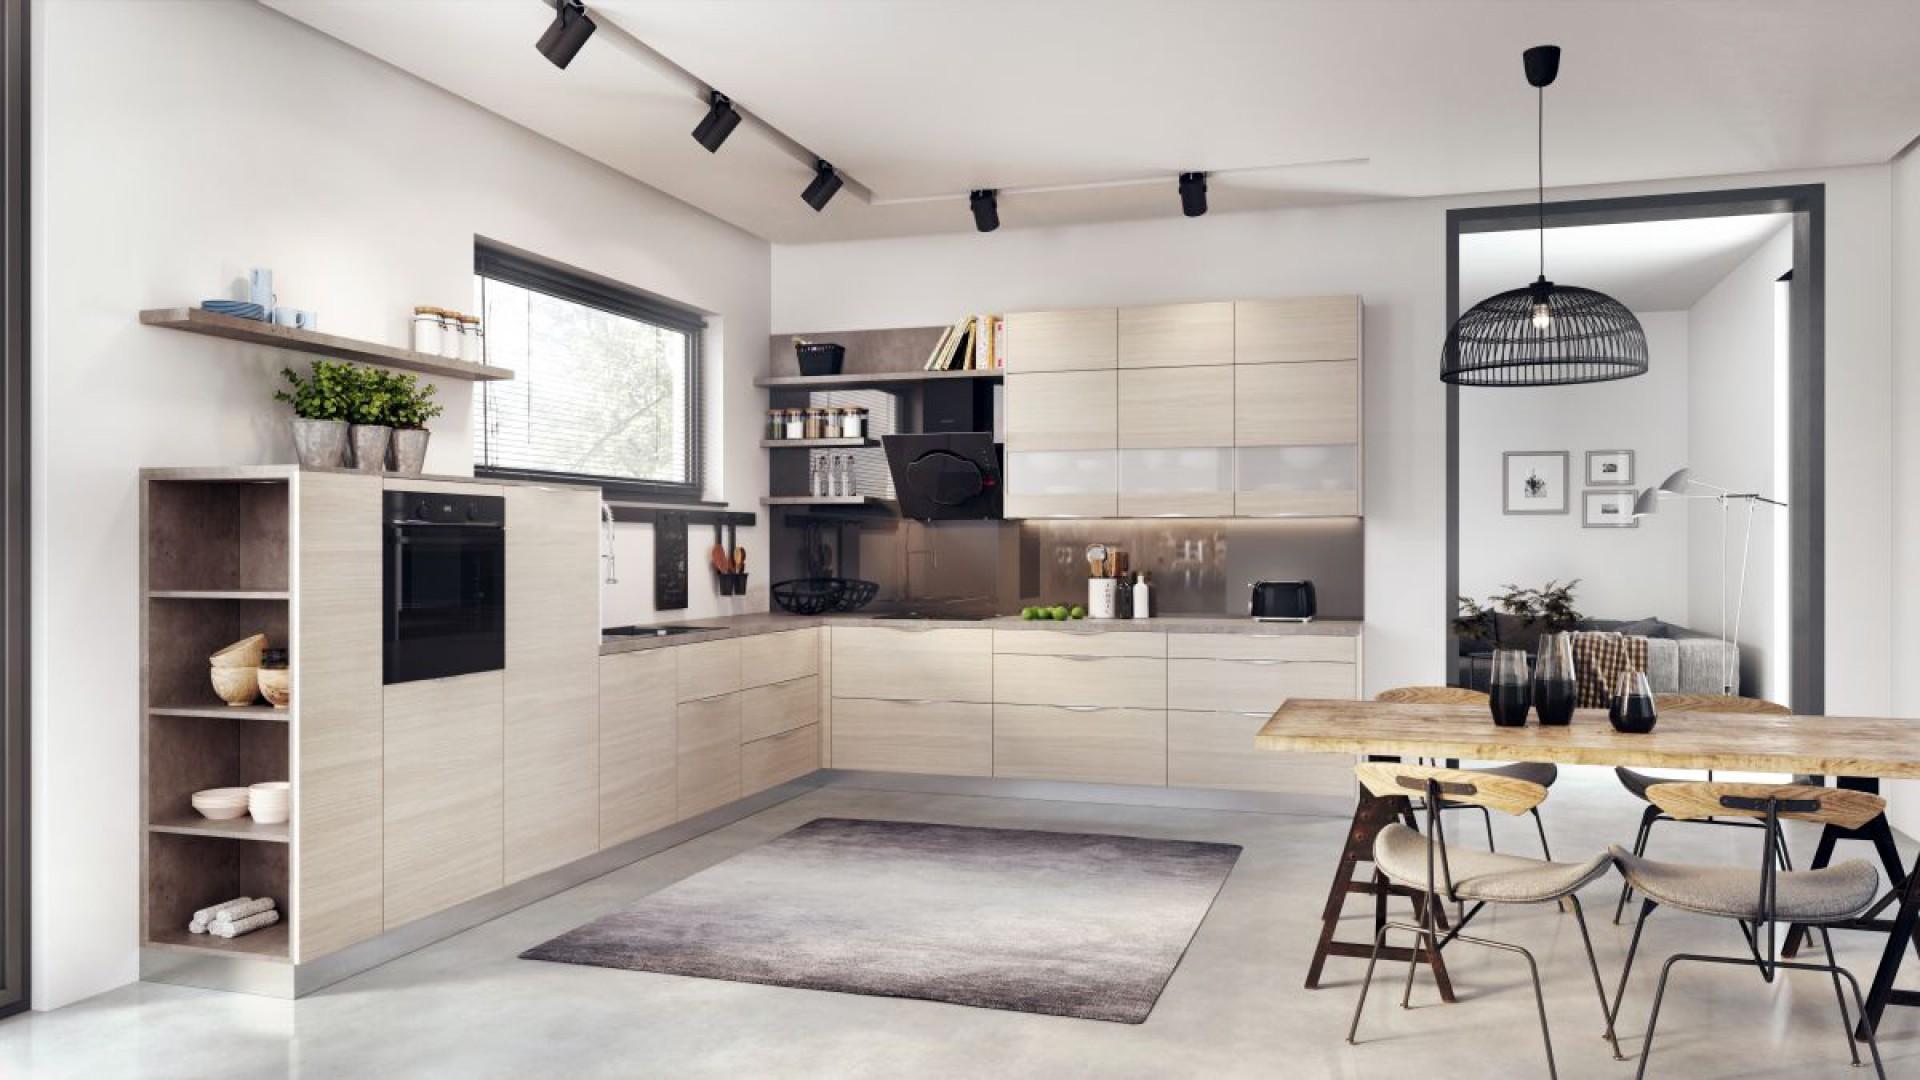 Otwarte półki to mocny akcent kuchennej aranżacji. Fot. Kam